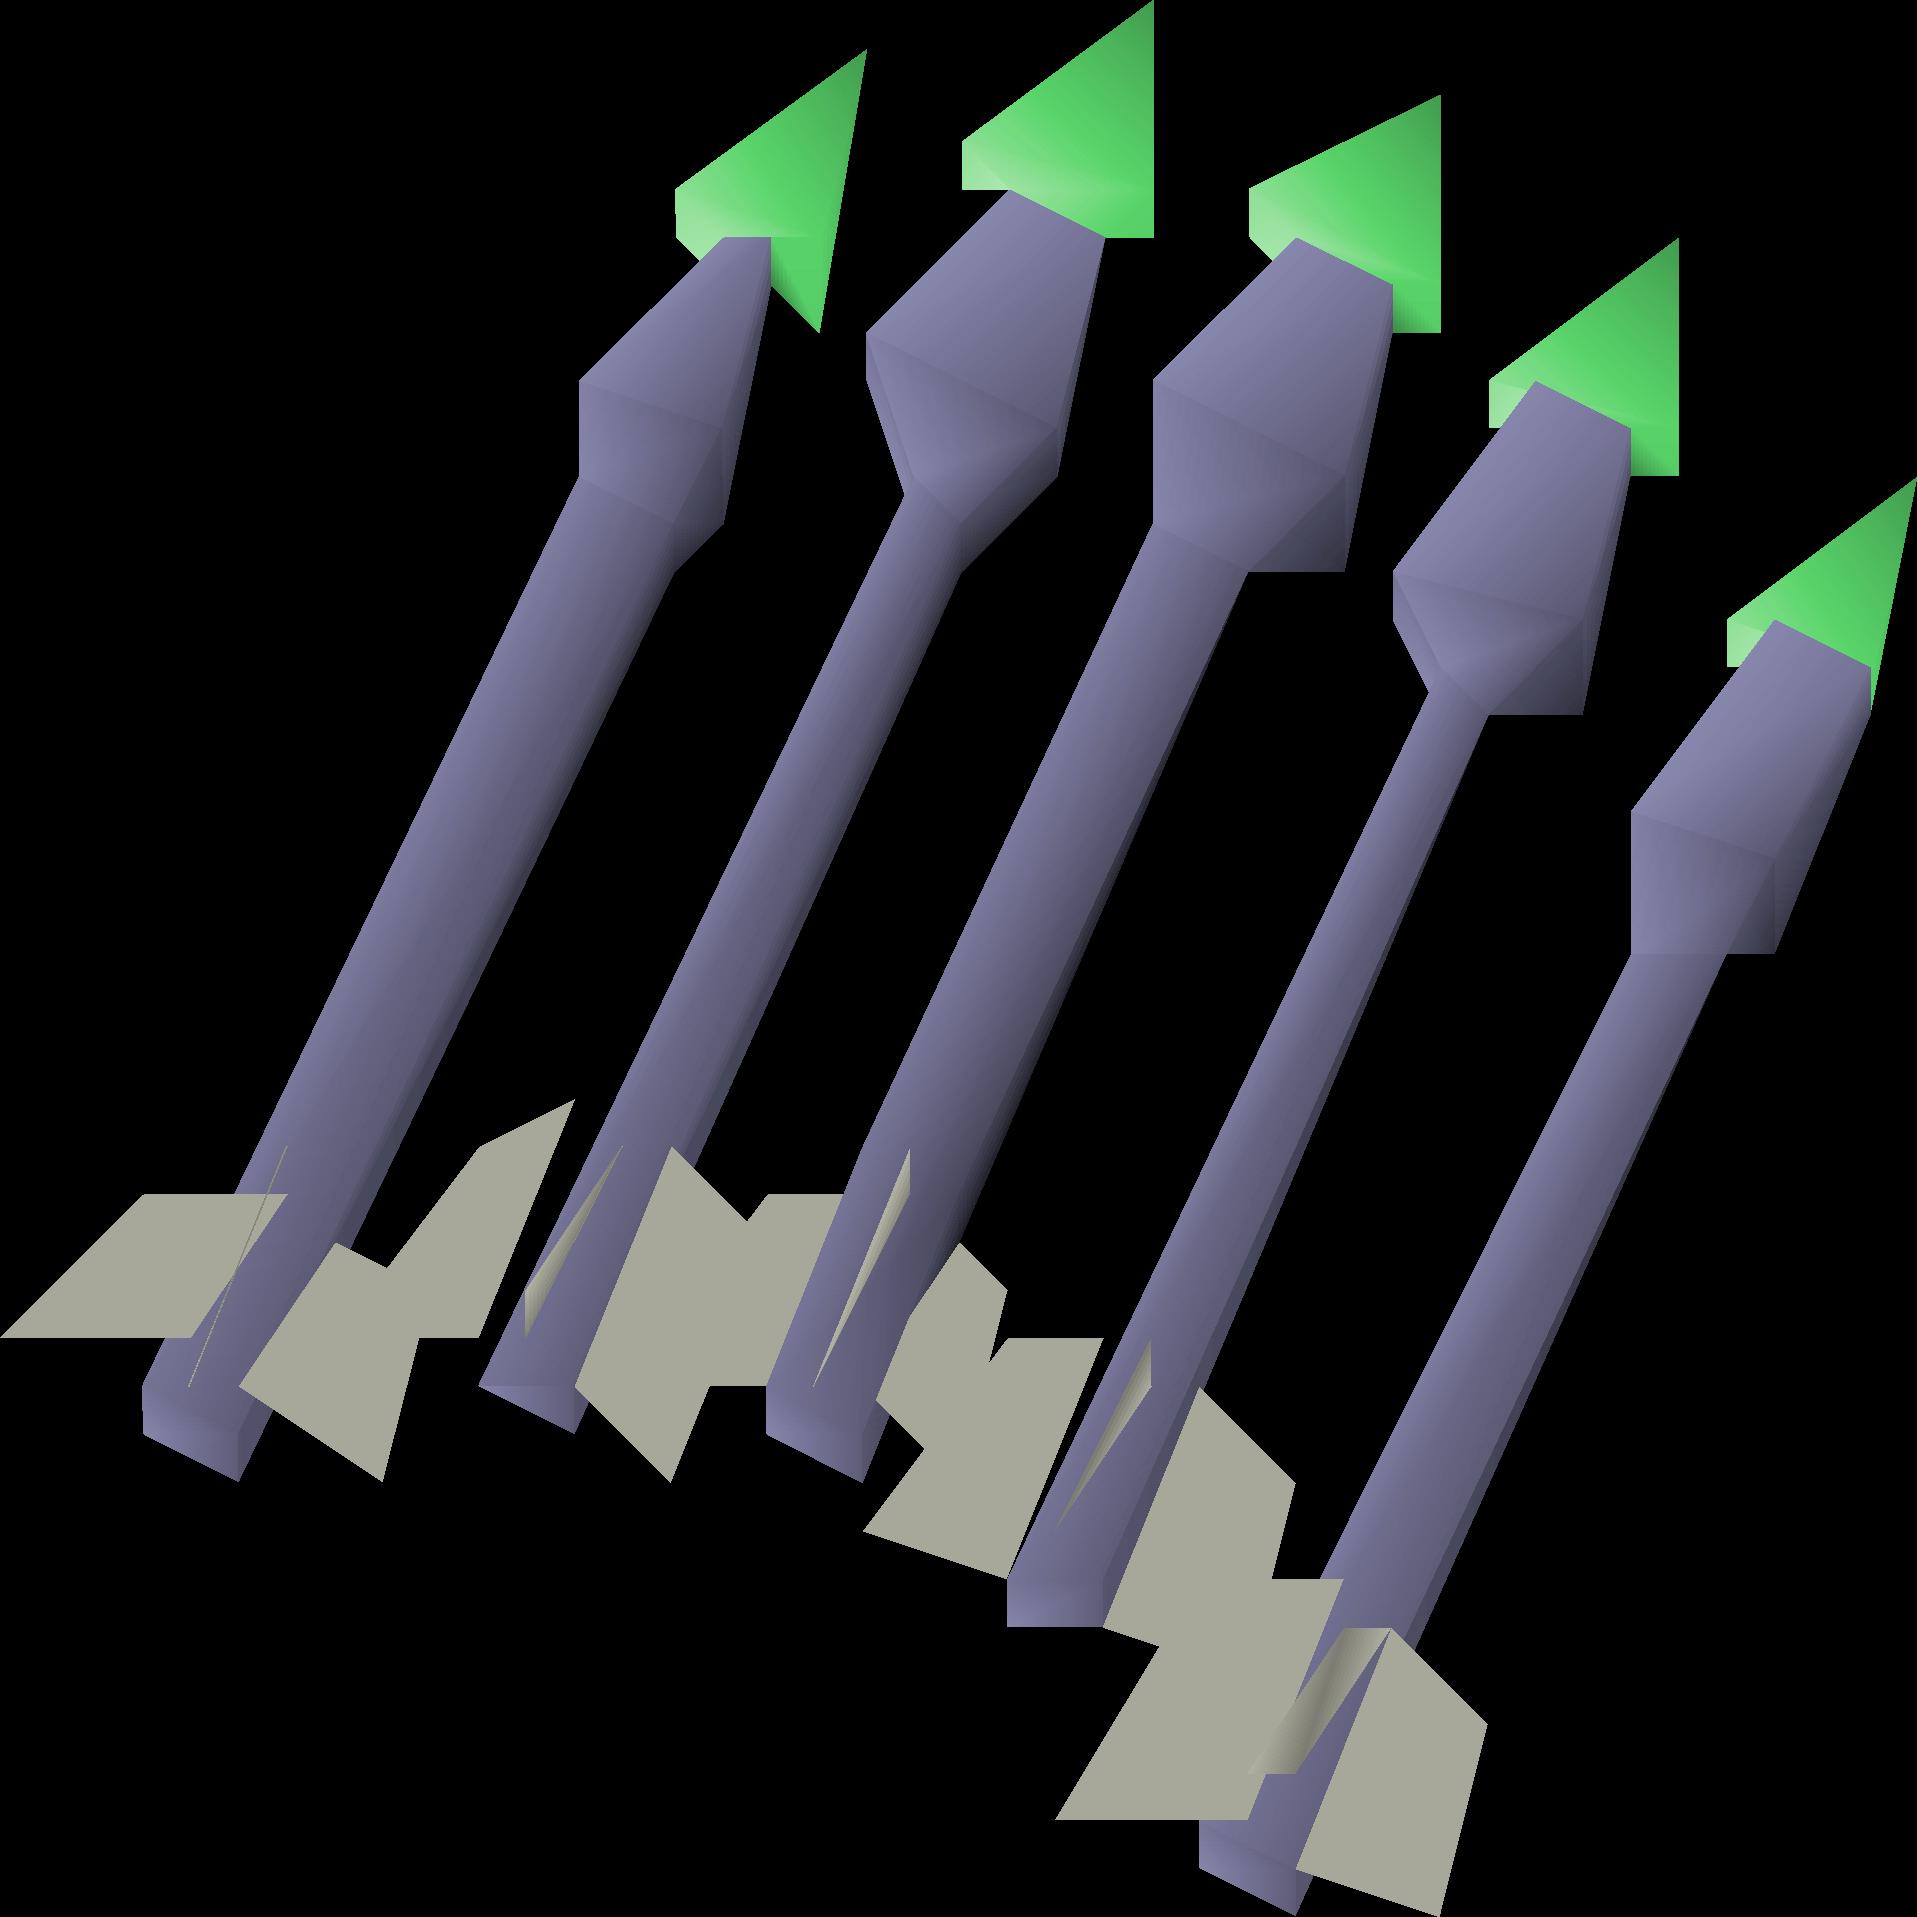 Emerald bolts (e)